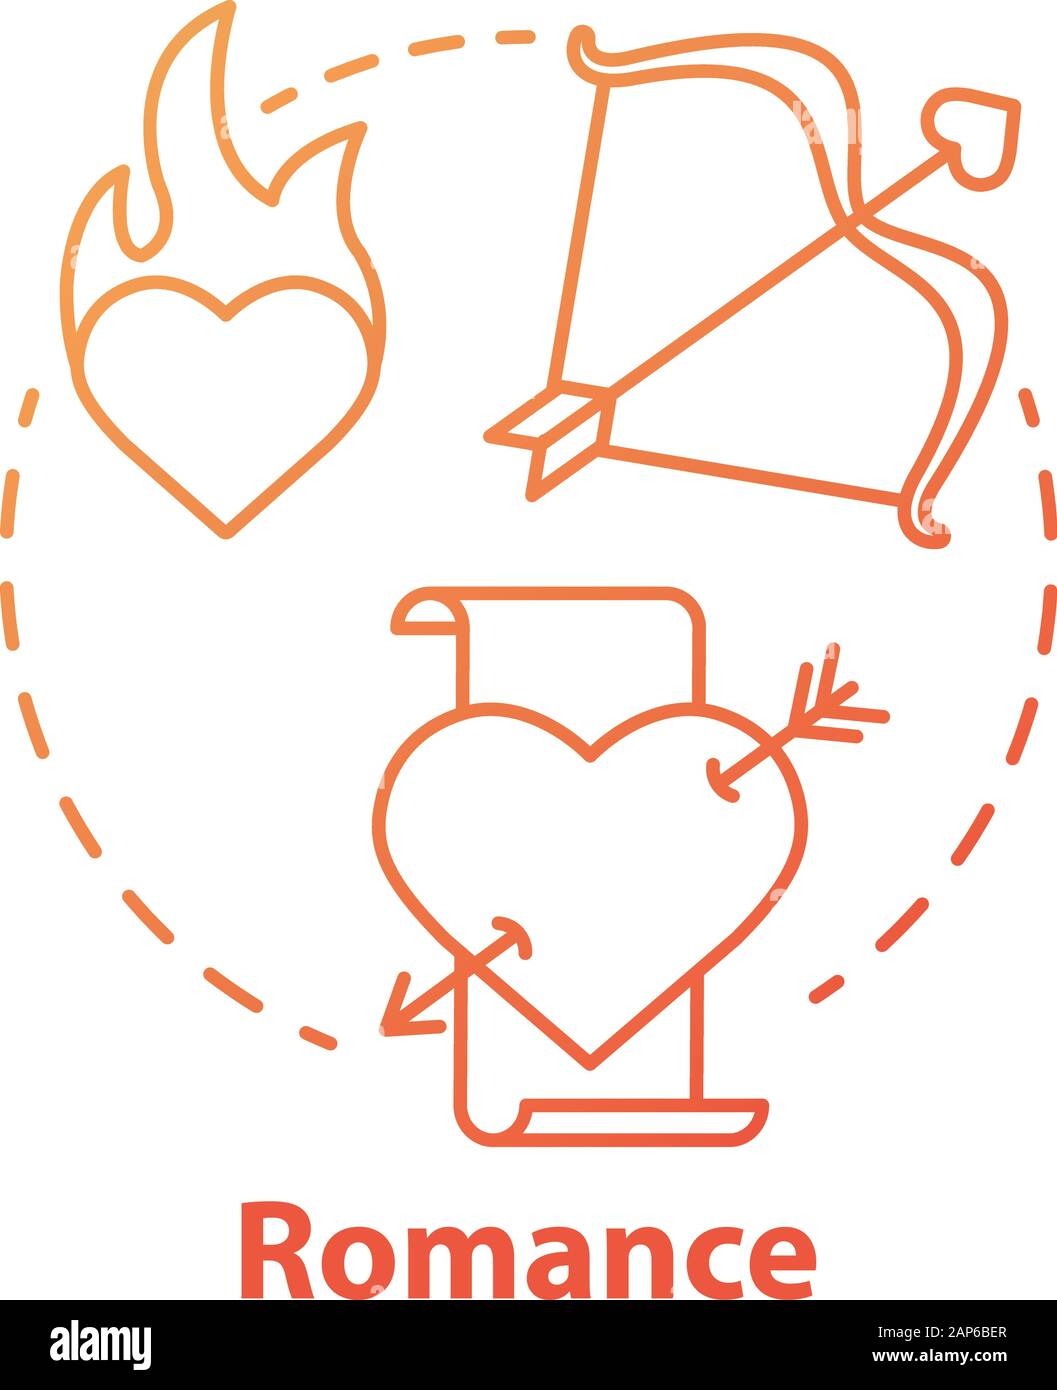 La littérature romantique concept rouge icône. Livres romantique idée fine ligne illustration. L'amour l'histoire déchirante et poèmes lyriques. Affaires d'amour et de passion. Illustration de Vecteur